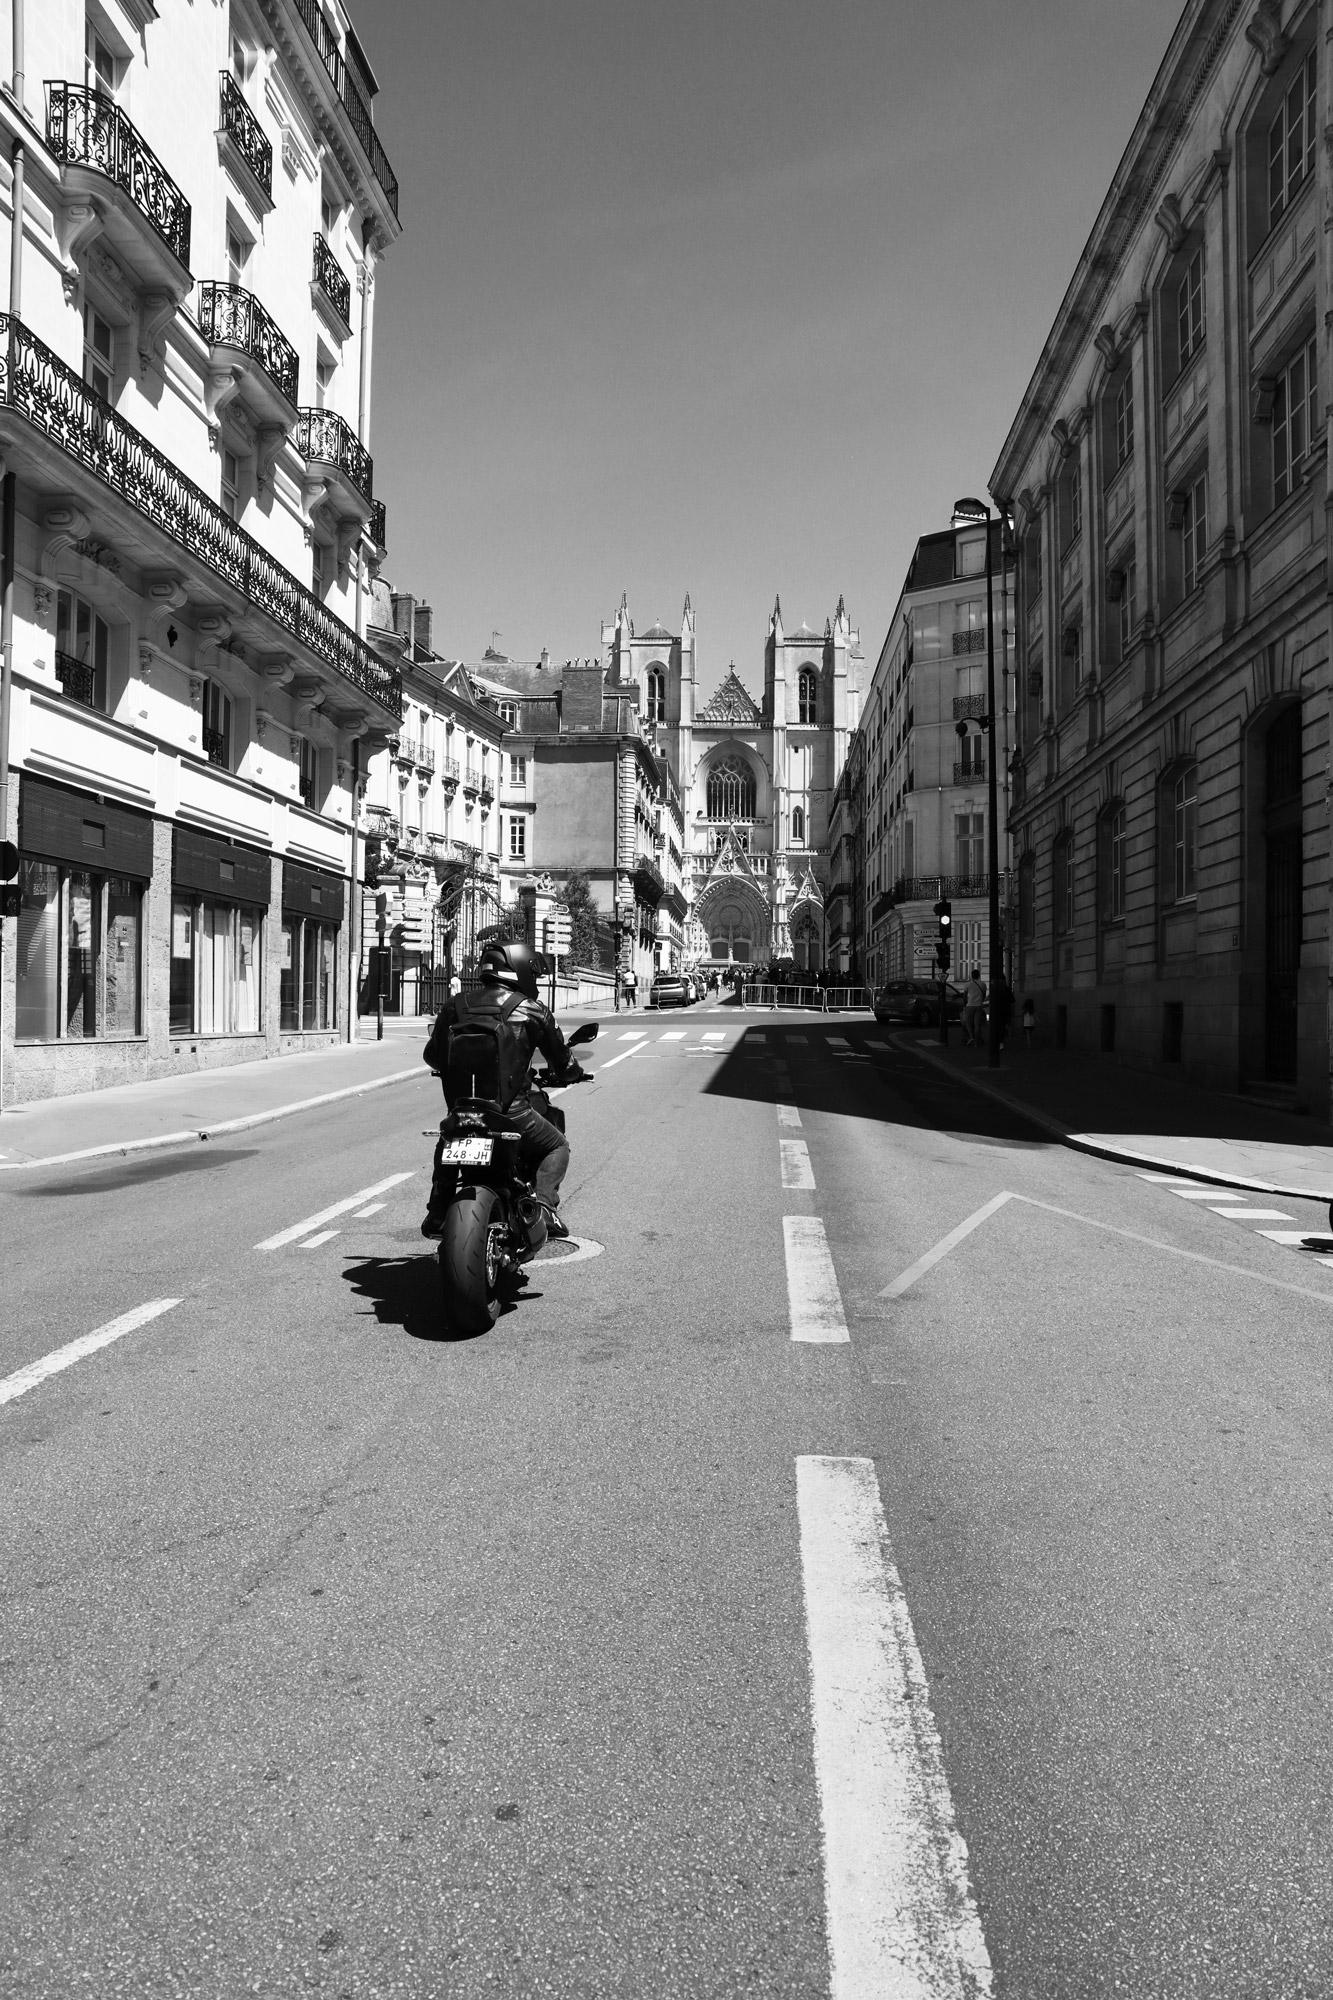 """""""Spiritual road"""" - Rue de l'Hôtel de Ville, Nantes. ©Clémence Rougetet"""